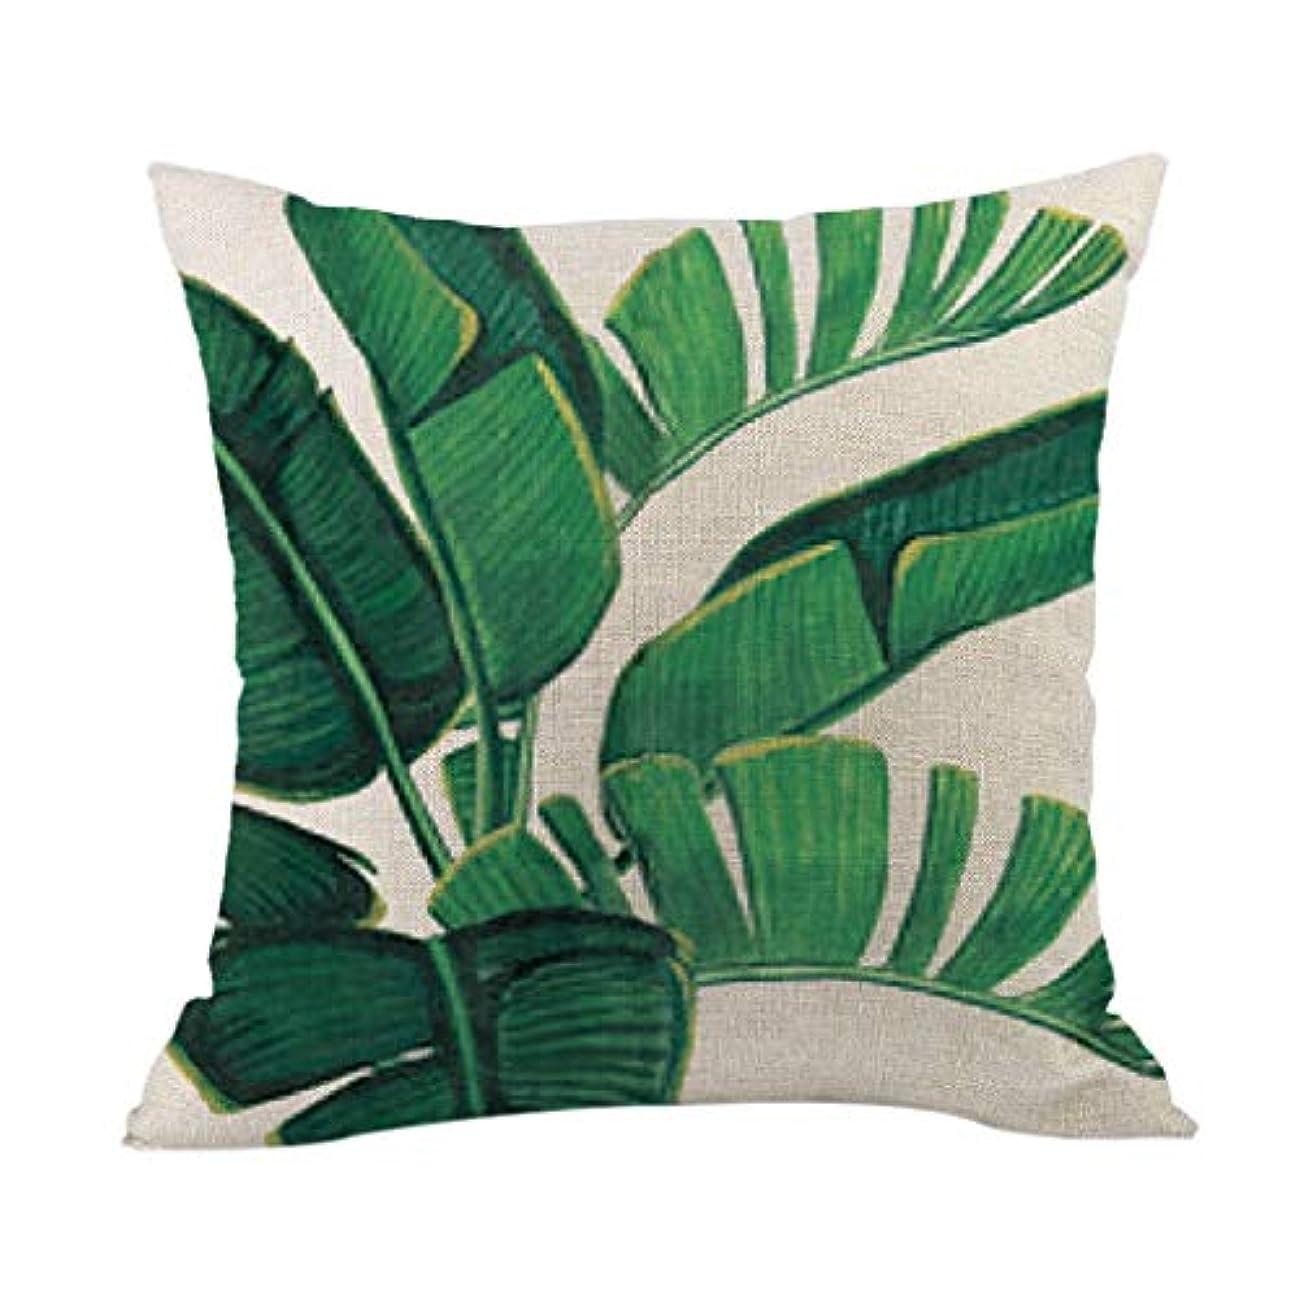 穿孔する資金楽なLIFE 高品質クッション熱帯植物ポリエステル枕ソファ投げるパッドセットホーム人格クッション coussin decoratif クッション 椅子